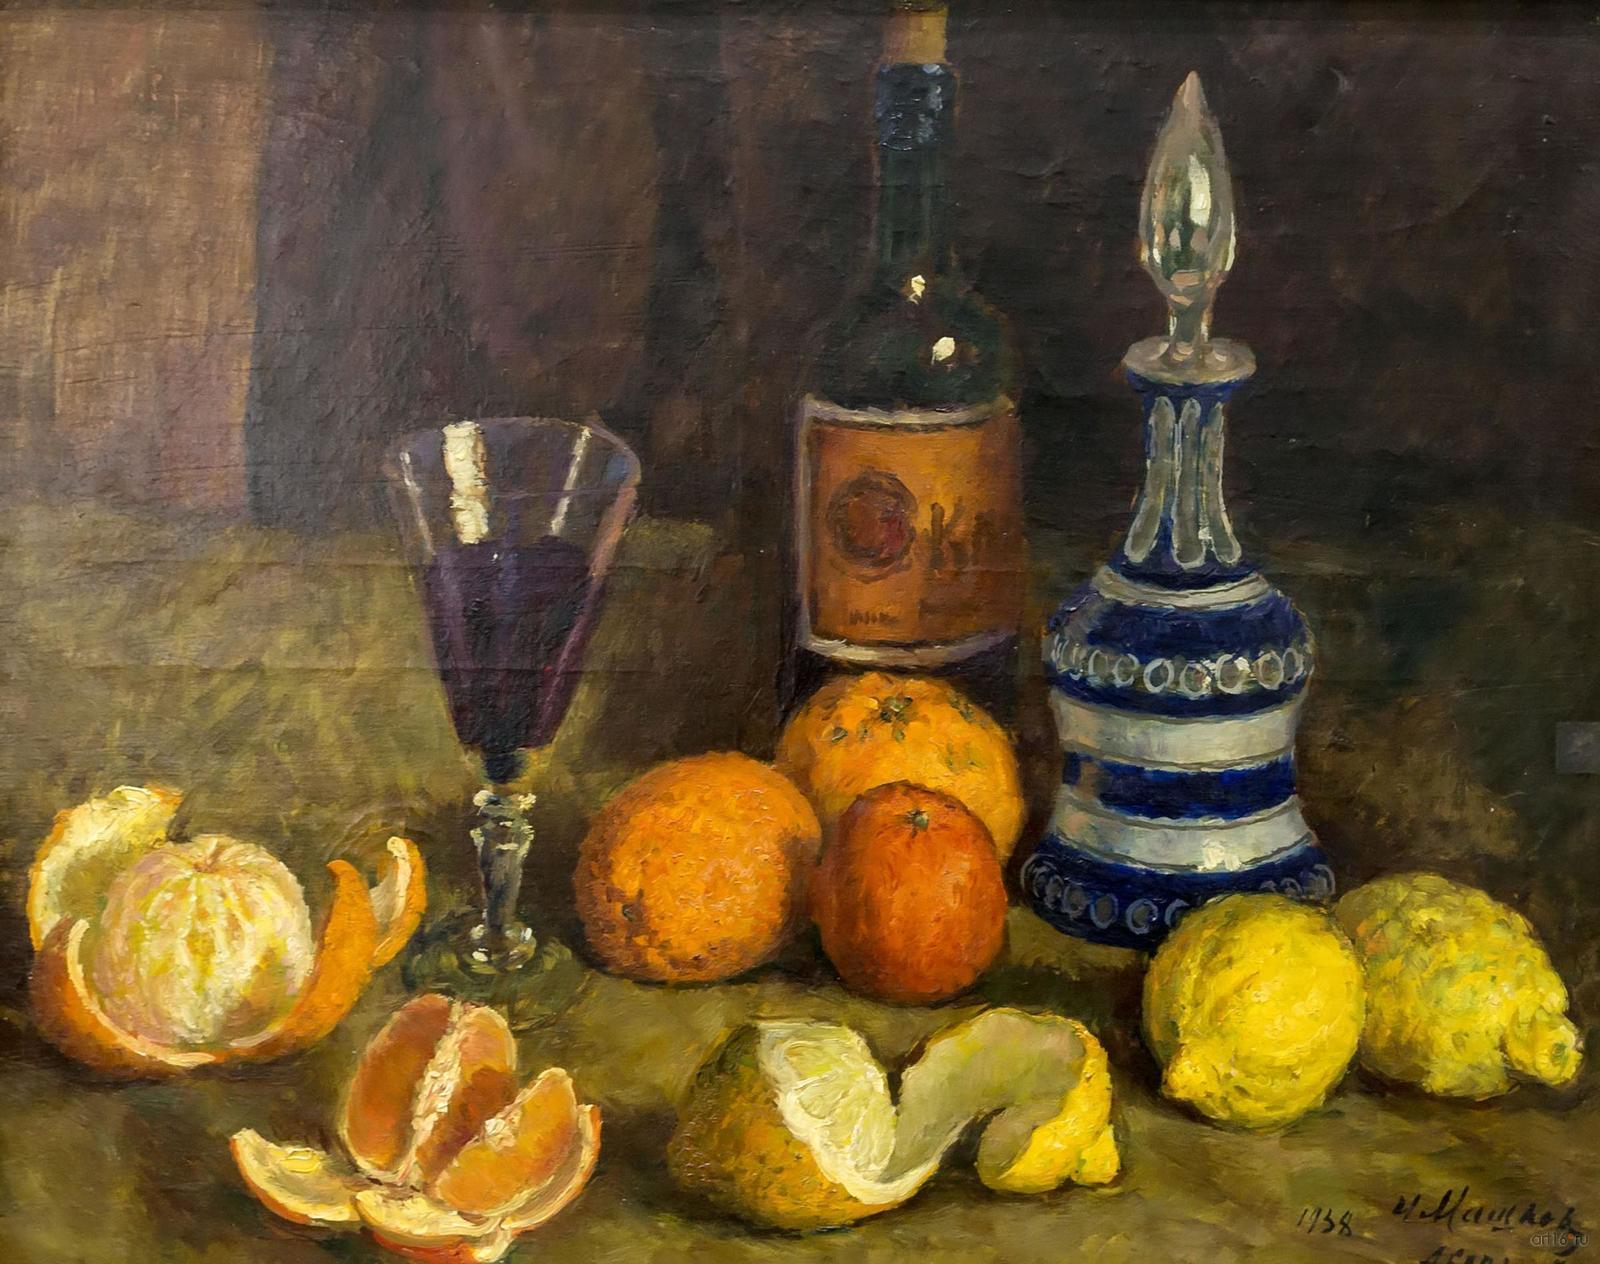 Фото №860927. Натюрморт. Апельсины, фрукты, вино. 1938. Машков Илья Иванович. 1881-1944